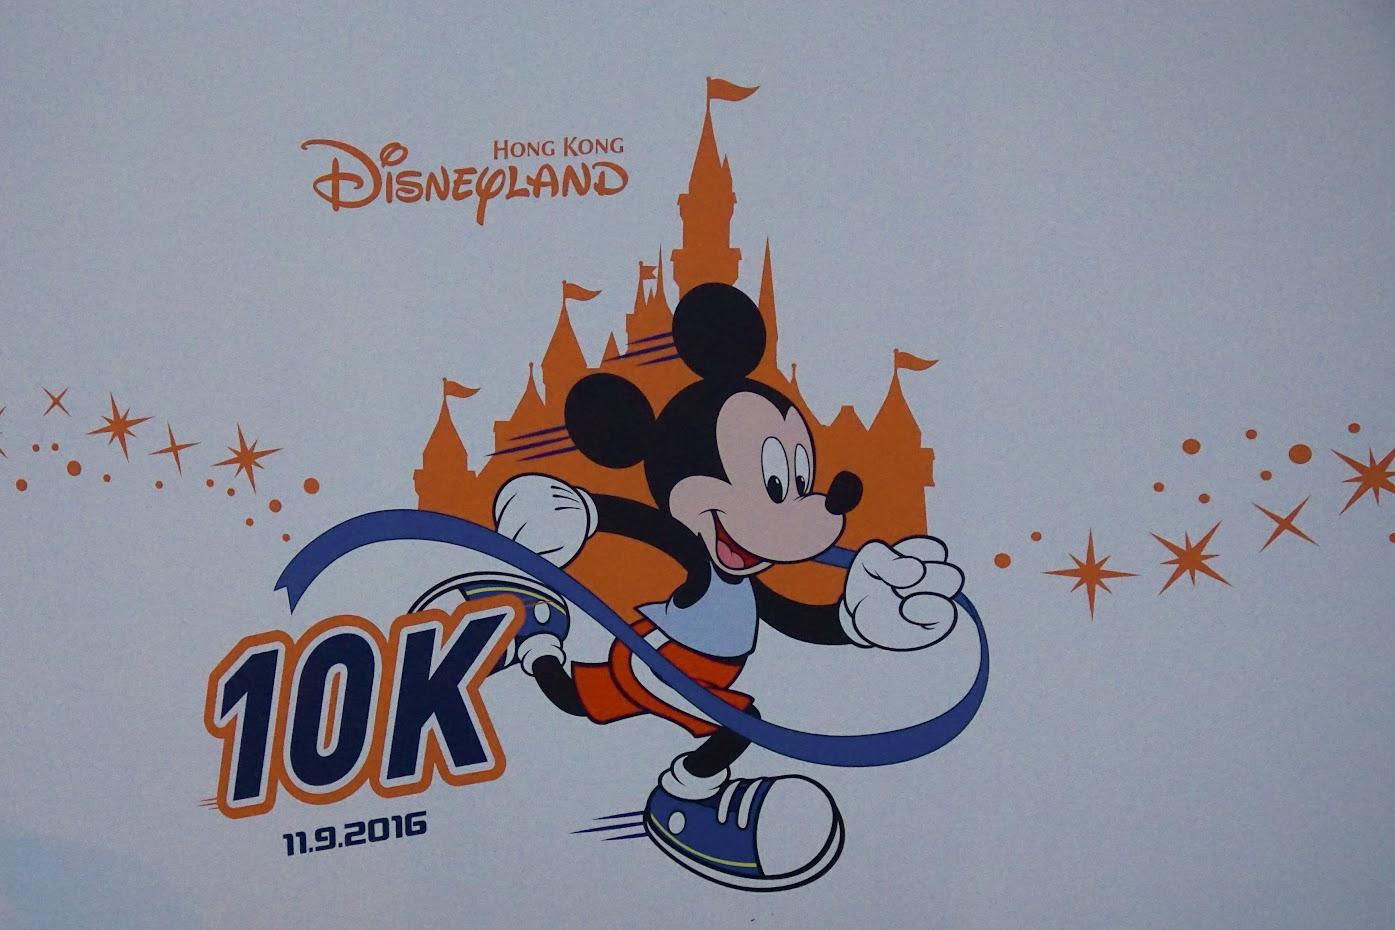 Hong Kong Disneyland 10k Weekend